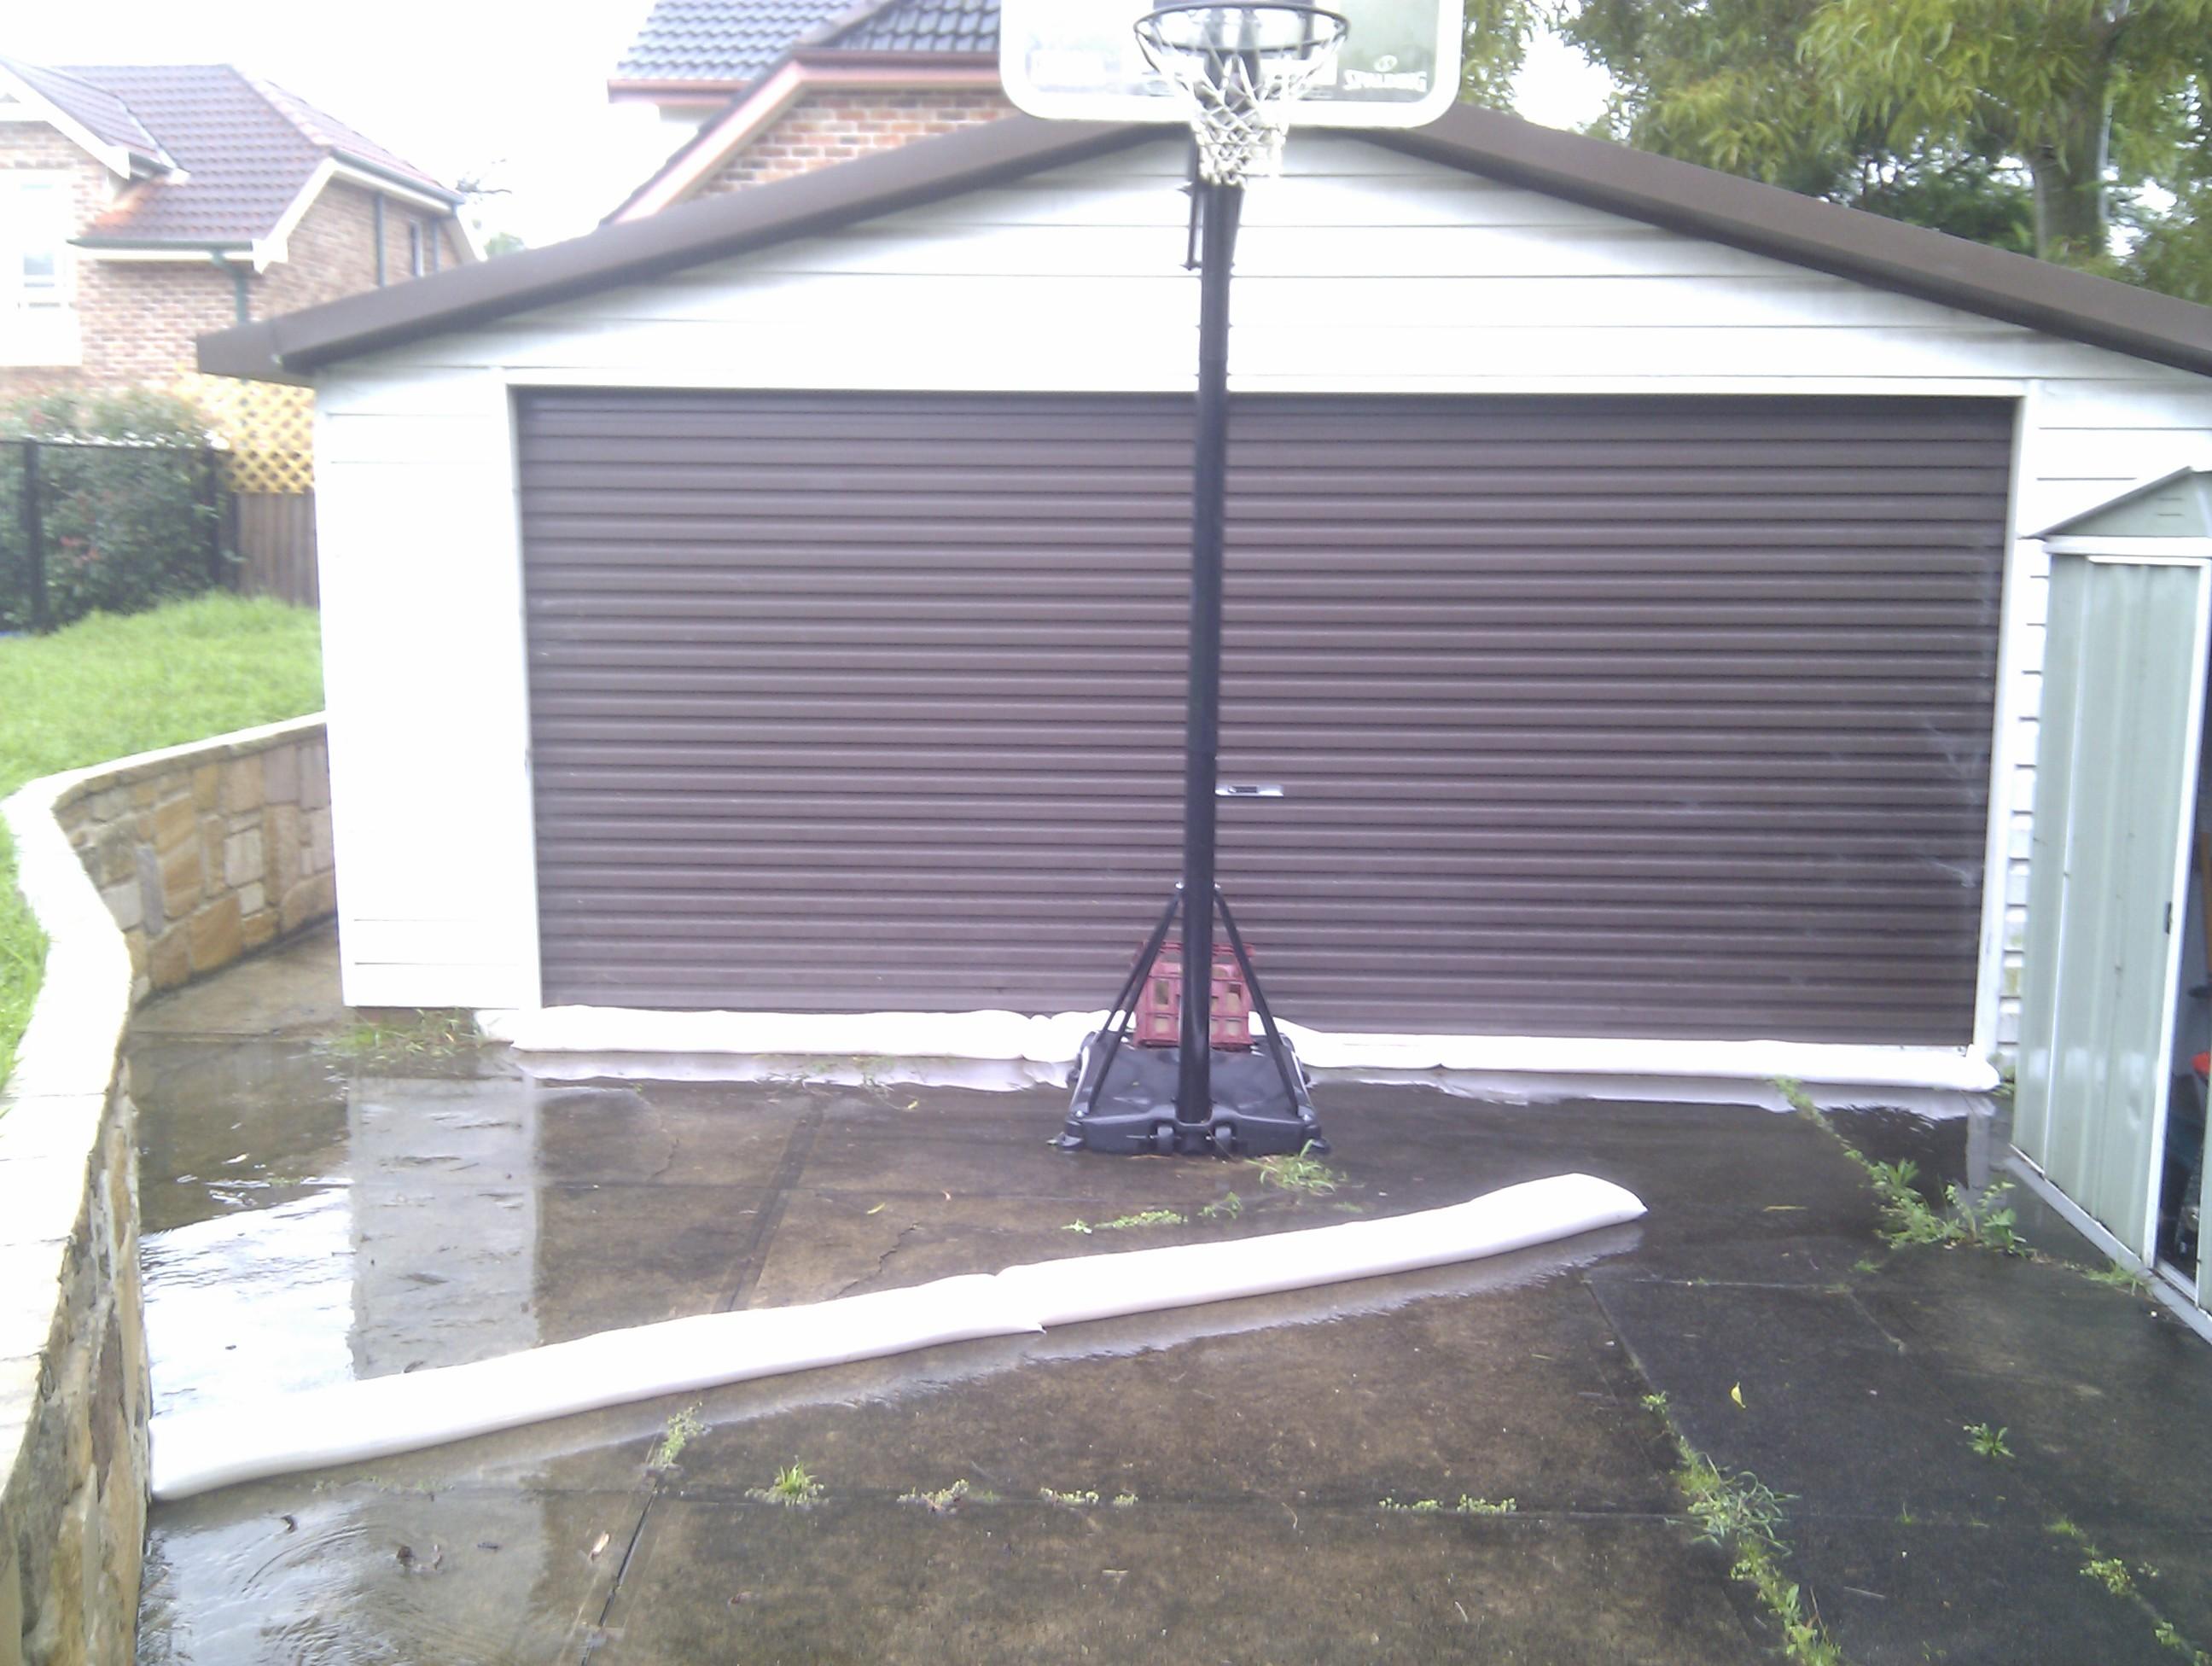 How to sandbag garage door